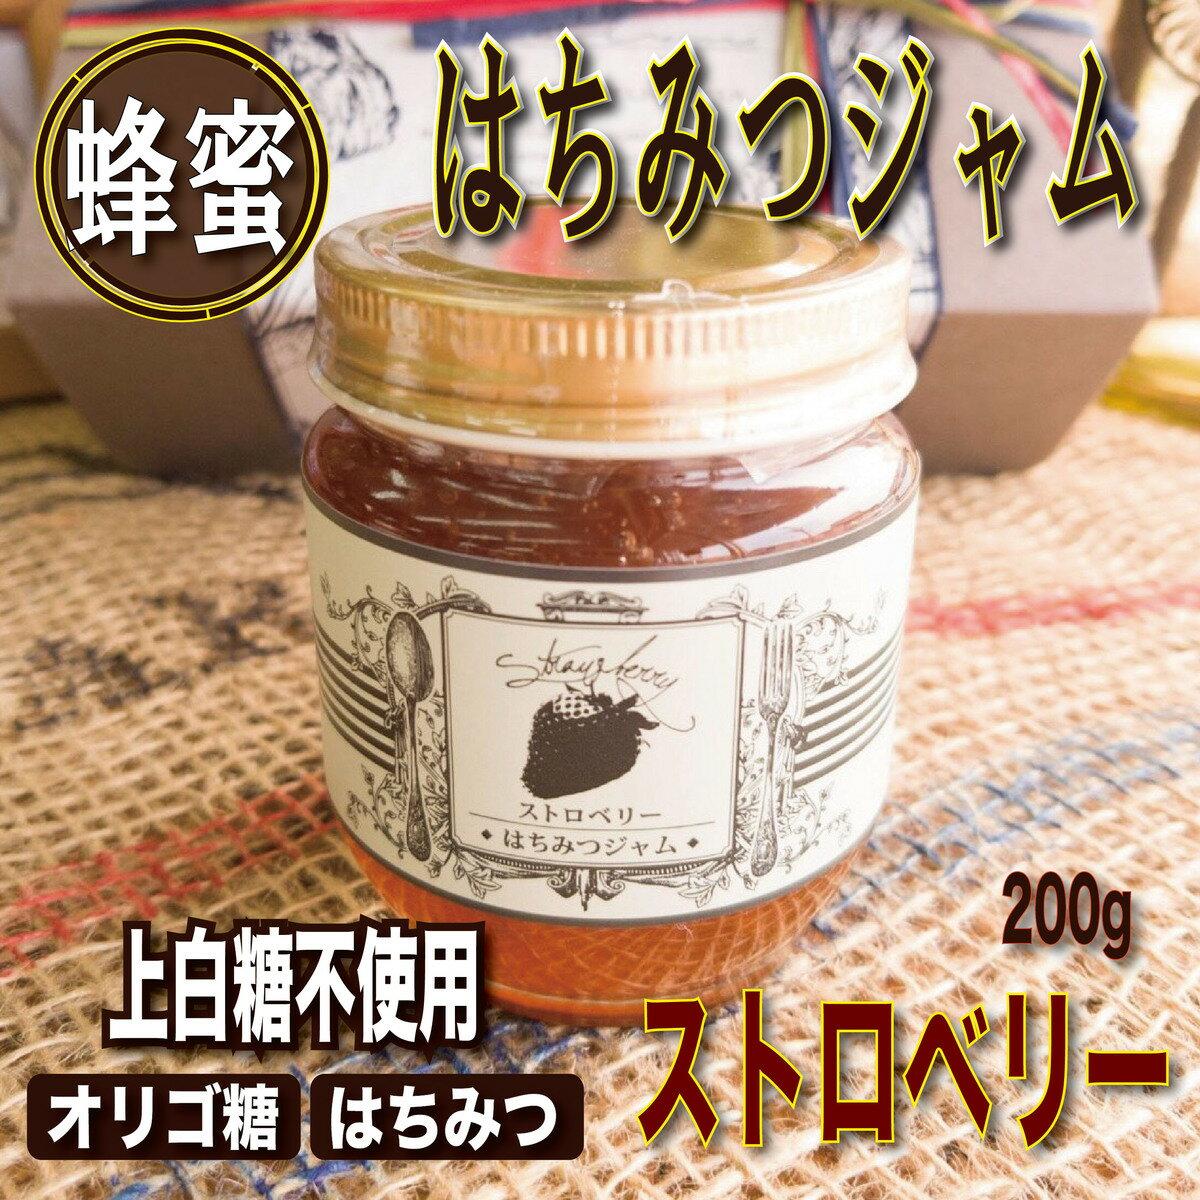 再入荷! ハチミツ いちごジャム ストロベリージャム はちみつジャム 砂糖不使用 イチゴジャム 苺 蜂蜜 オリゴ糖 安心 安全